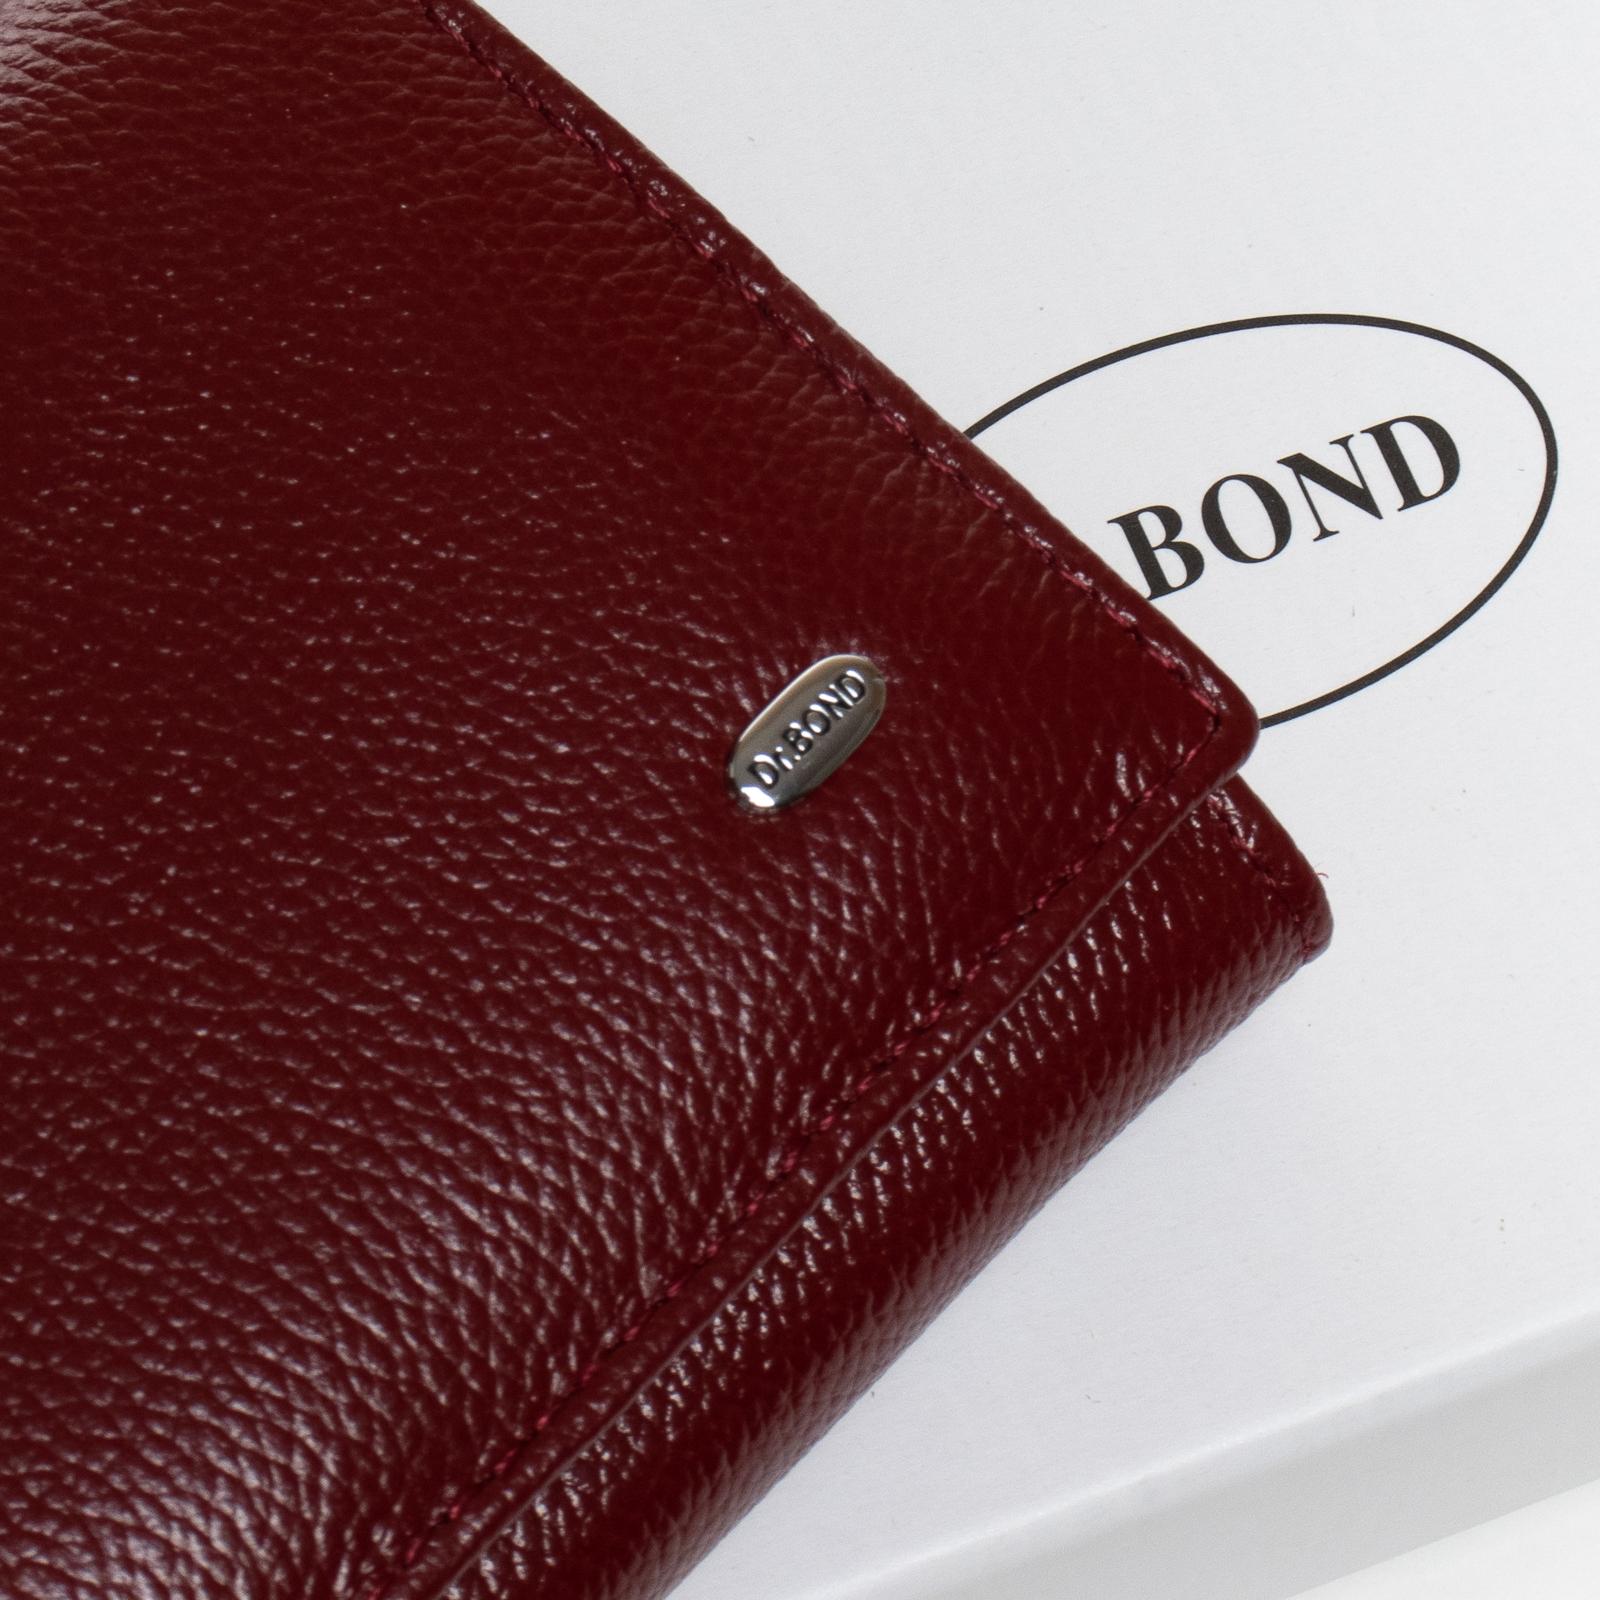 Кошелек Classic кожа DR. BOND W501-2 bordo - фото 3